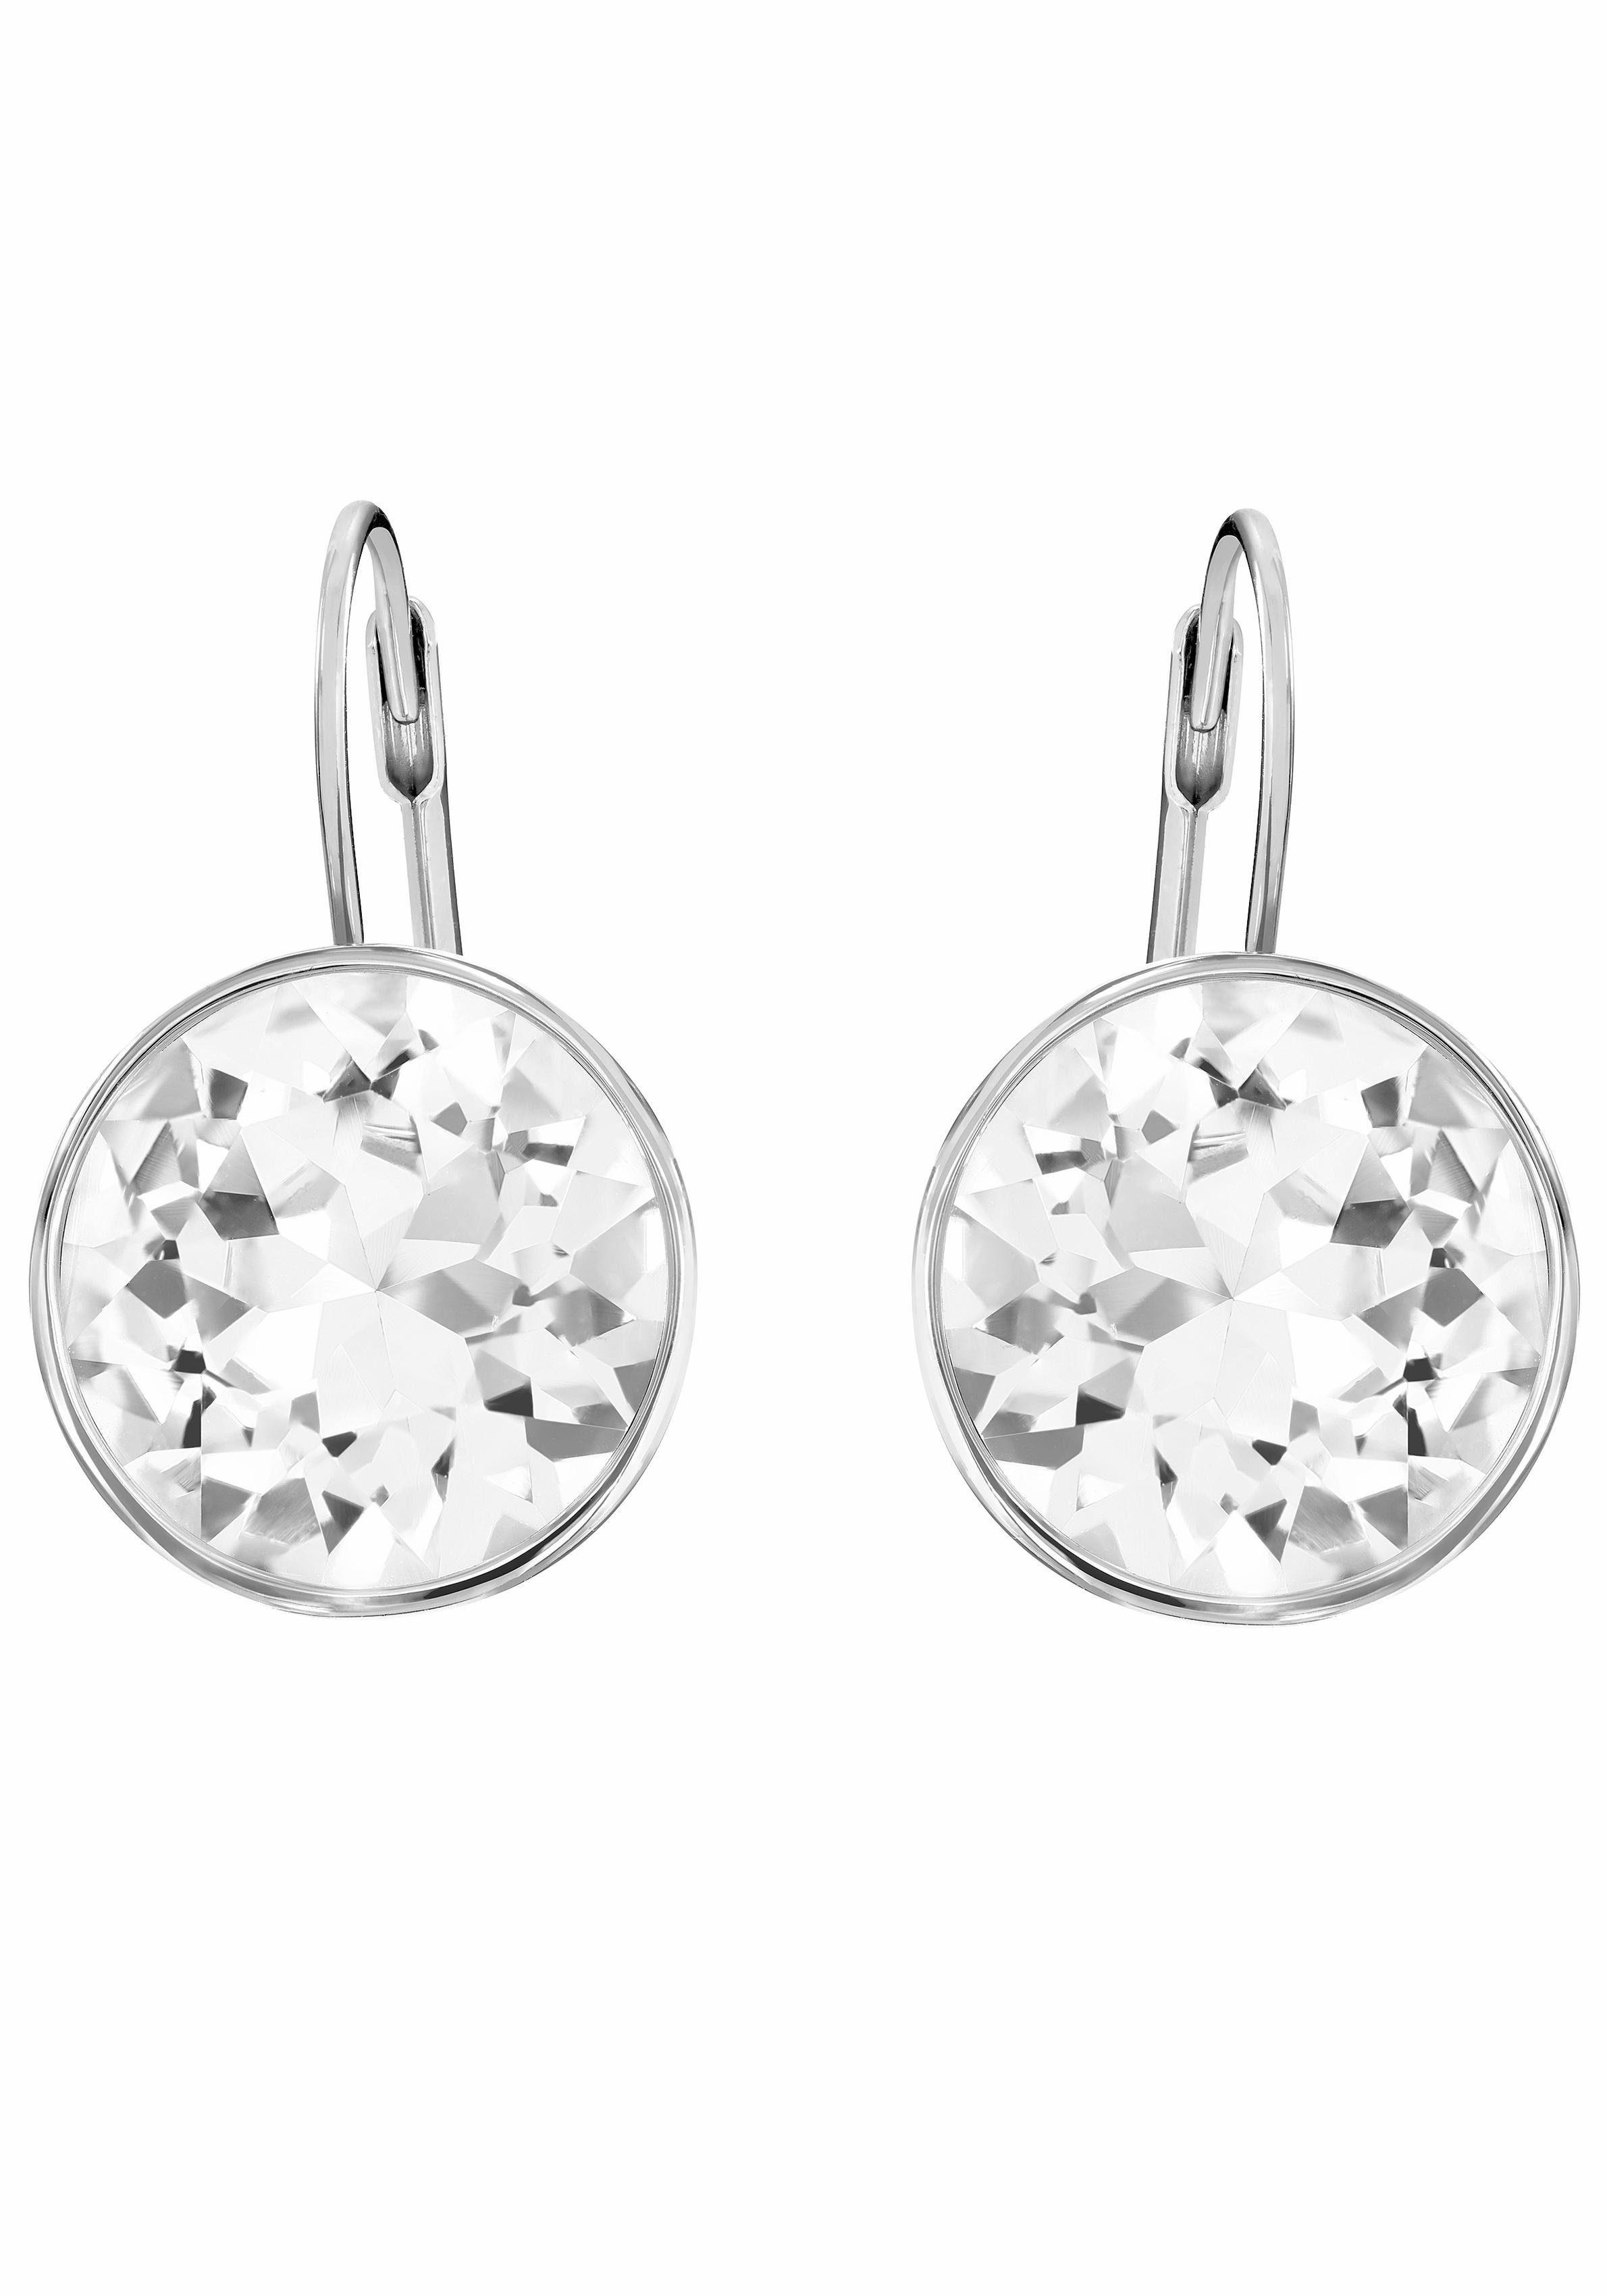 Swarovski Paar Ohrhänger »BELLA, WEISS, RHODINIERT, 883551« mit Swarovski® Kristallen